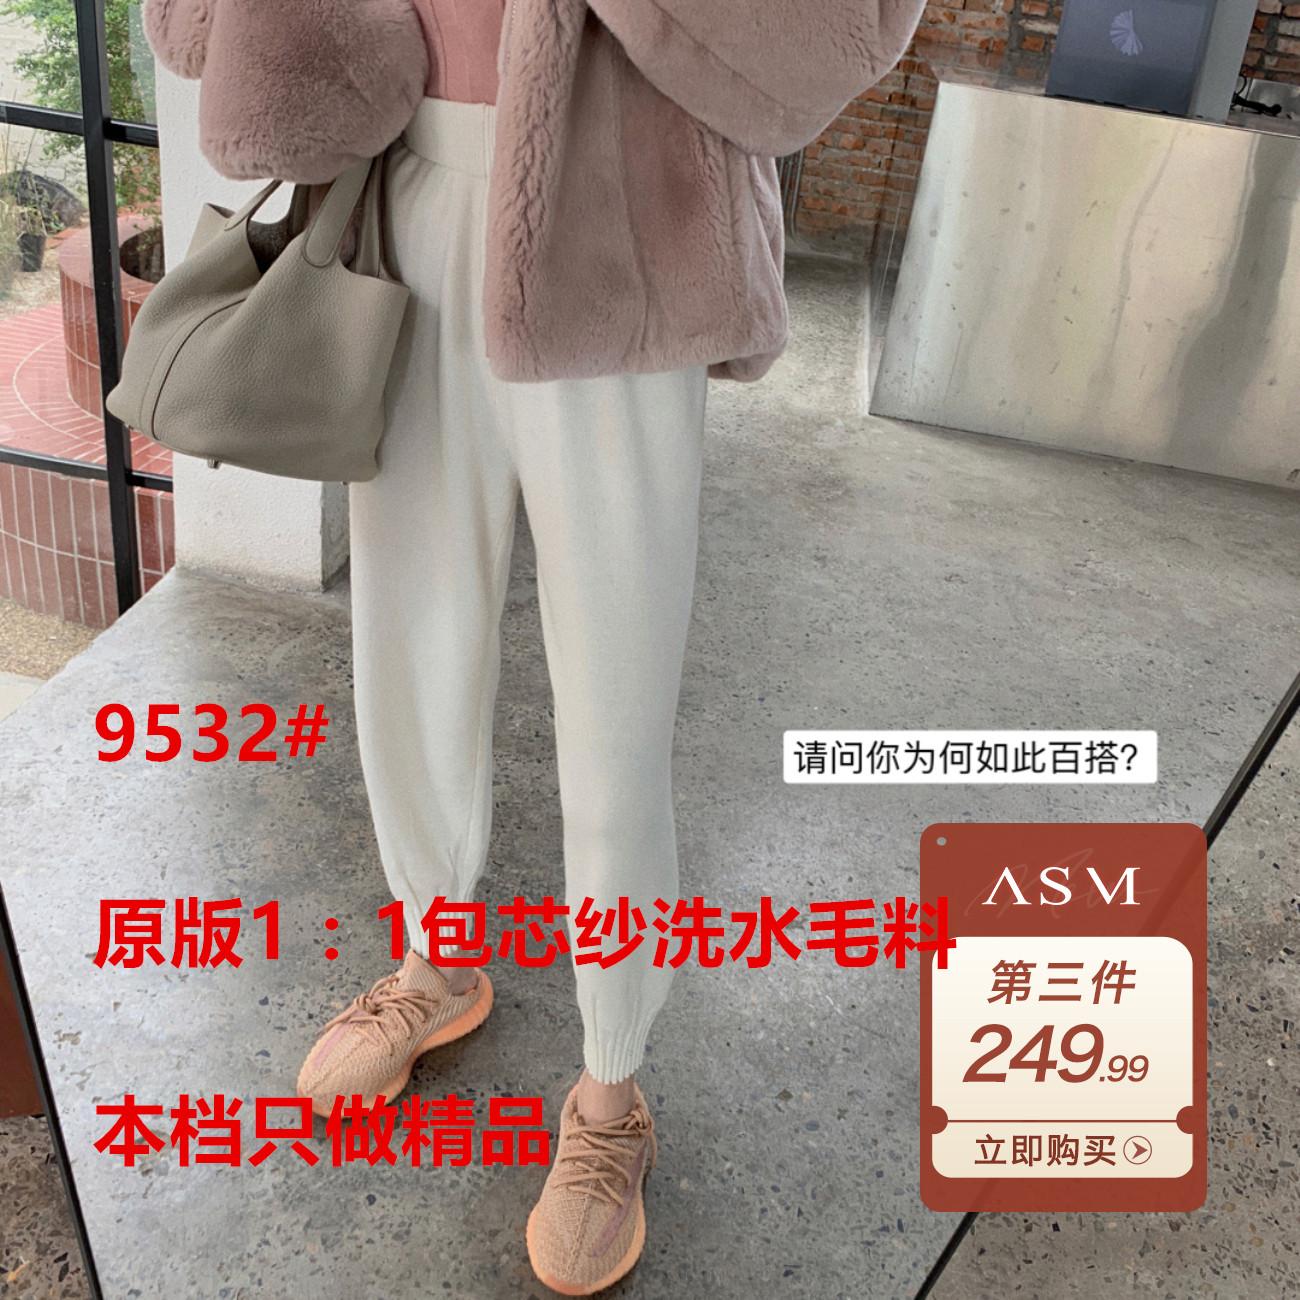 ASM ANNA◆显瘦缩口裤~宽松束脚针织裤 休闲九分高腰萝卜裤女秋冬